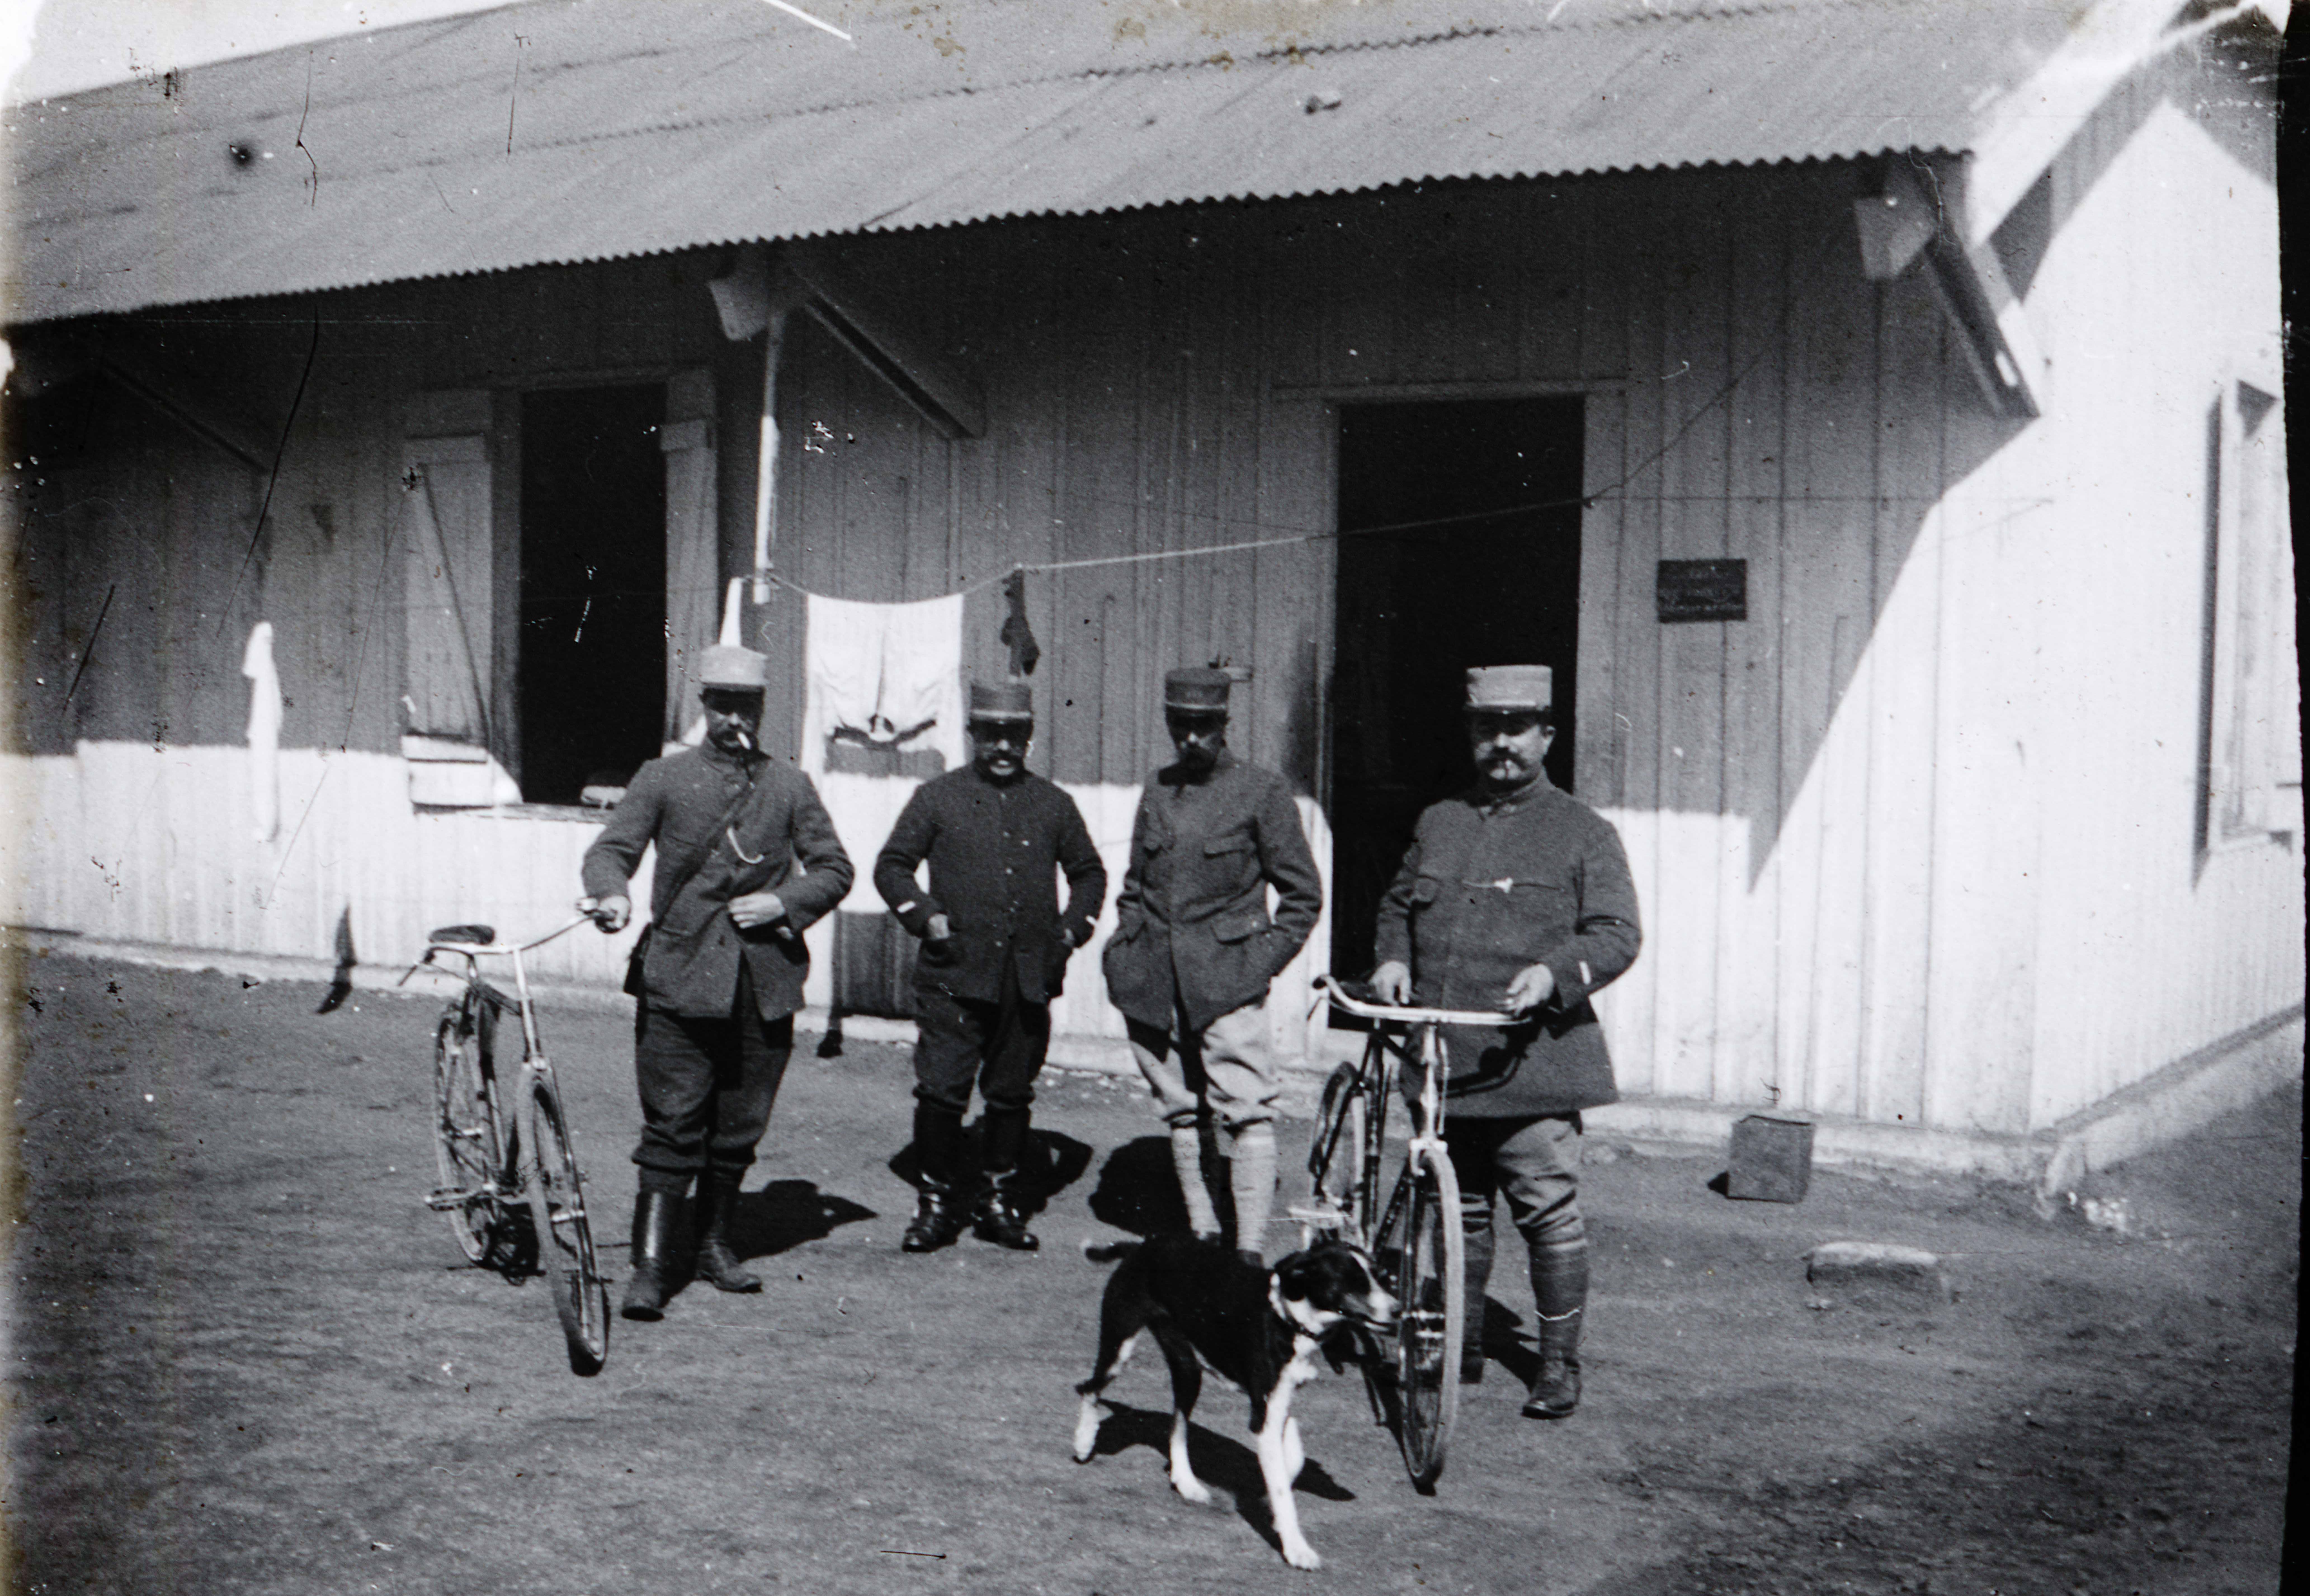 Maroc 1914-1918 - Devant le bureau de vaguemestre,